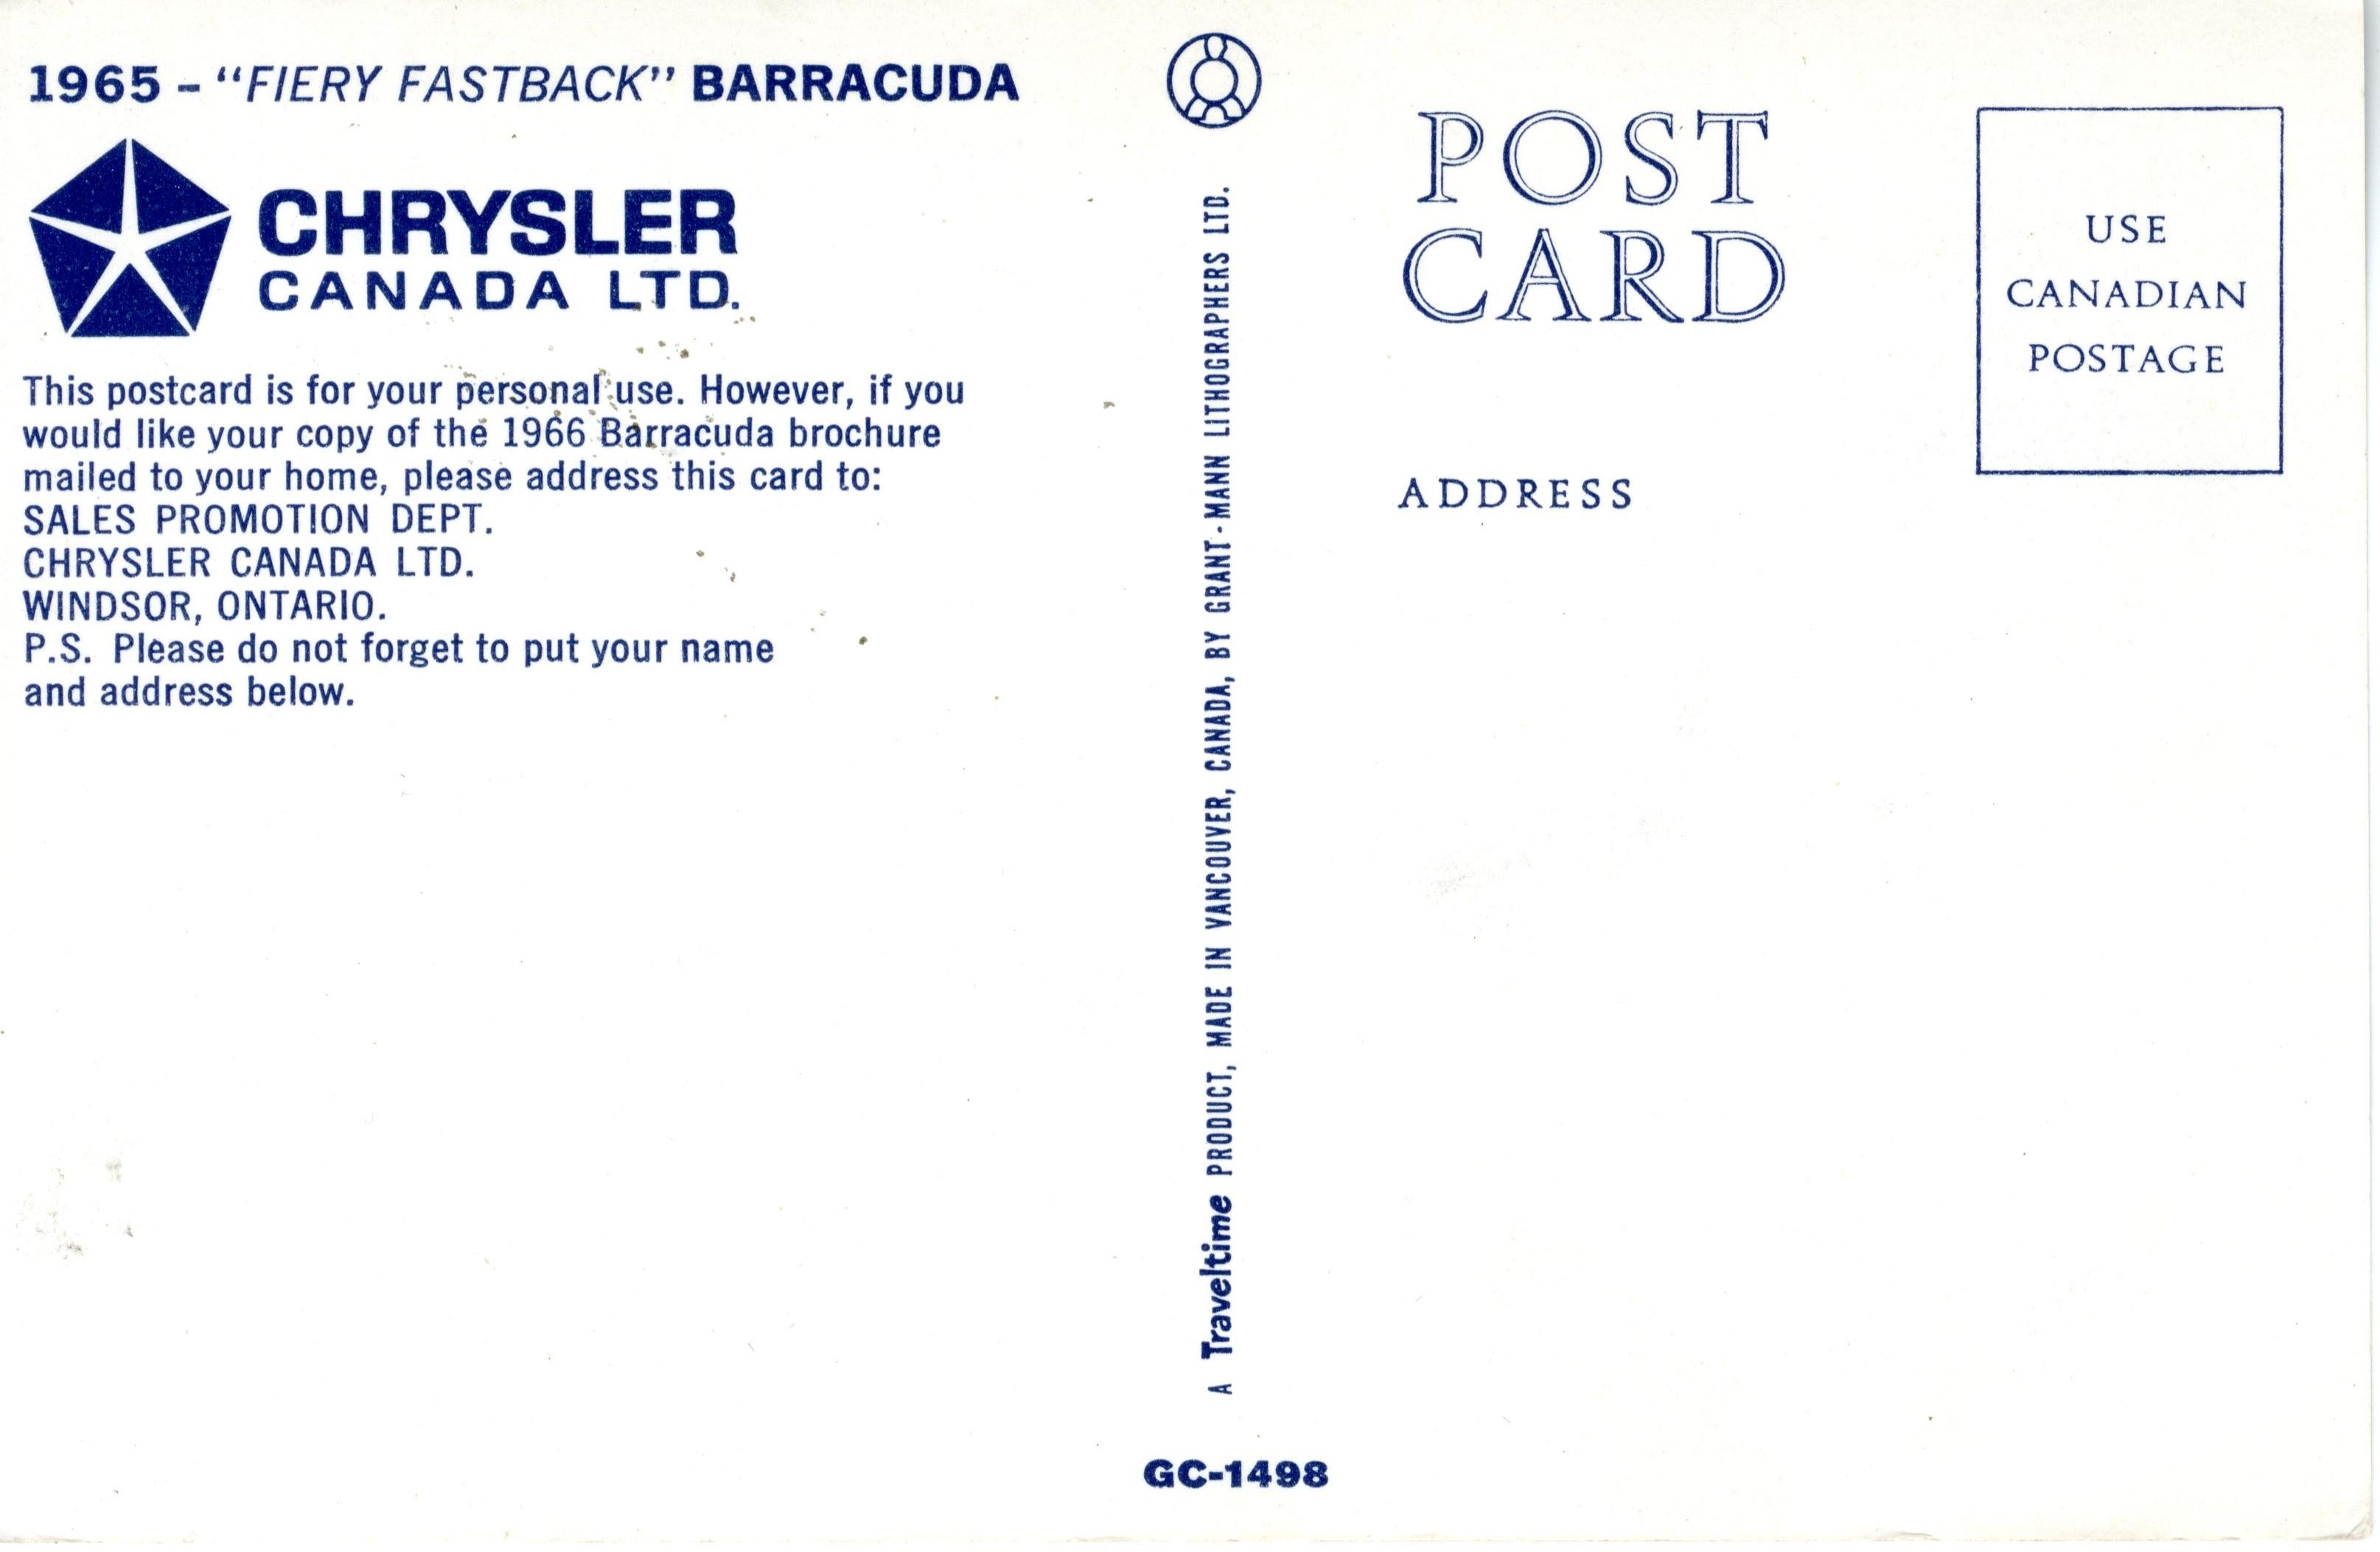 Fiery Fastback Barracuda 1965 | Southwestern Ontario Digital